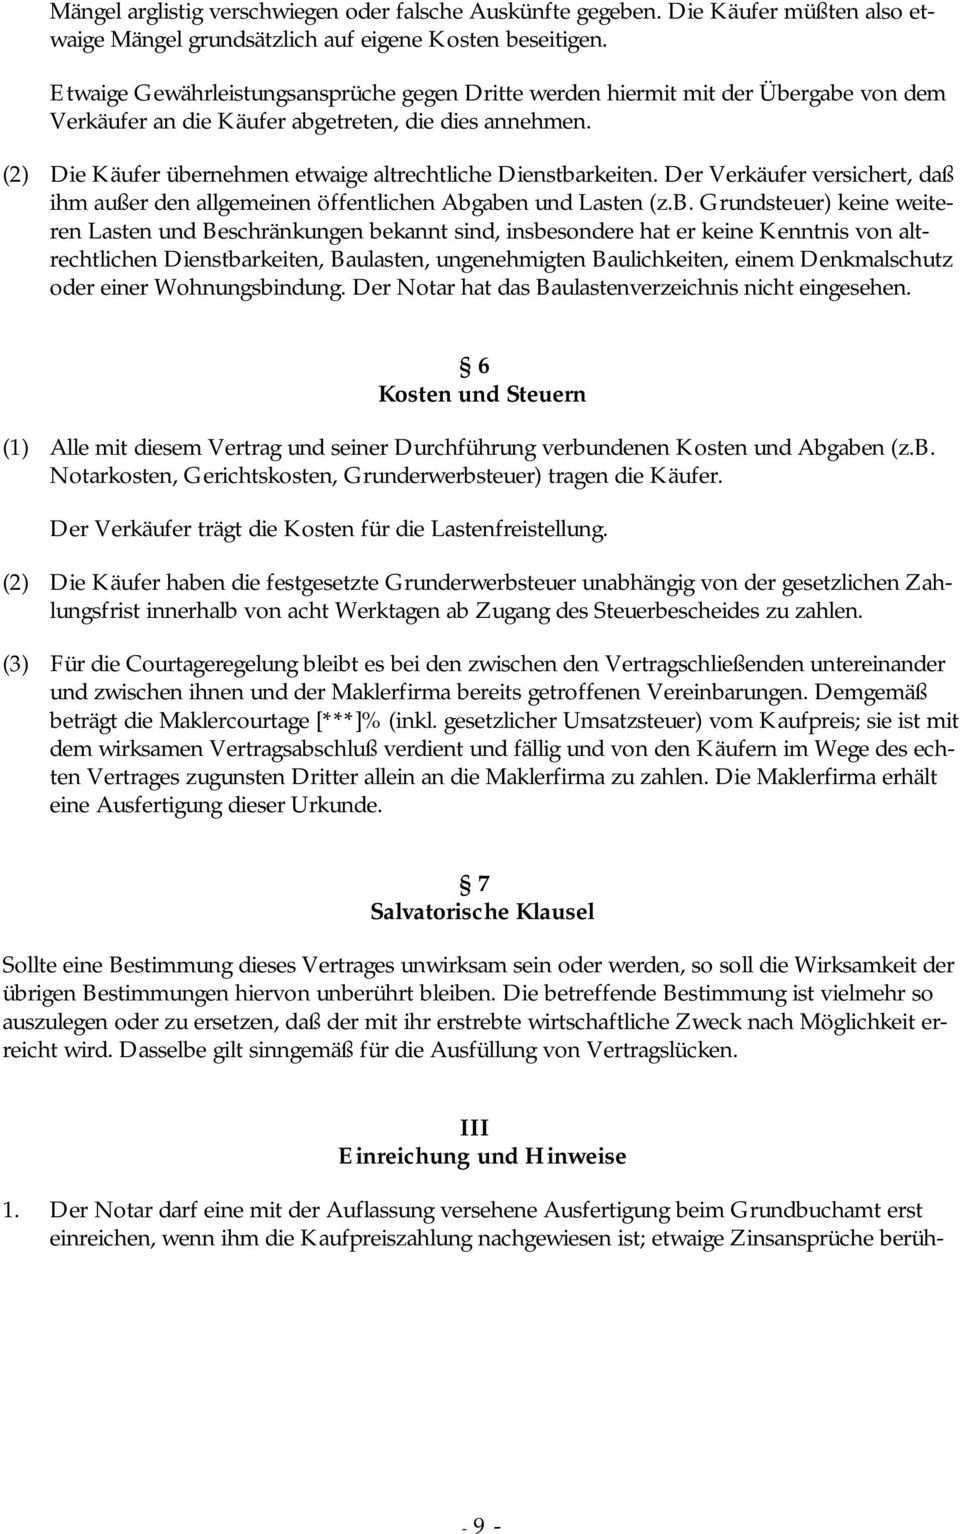 Urkundenrollen Nr Verhandelt In Der Freien Und Hansestadt Hamburg Am Vor Mir Dem Hamburgischen Notar Mit Dem Amtssitz In Hamburg Pdf Kostenfreier Download